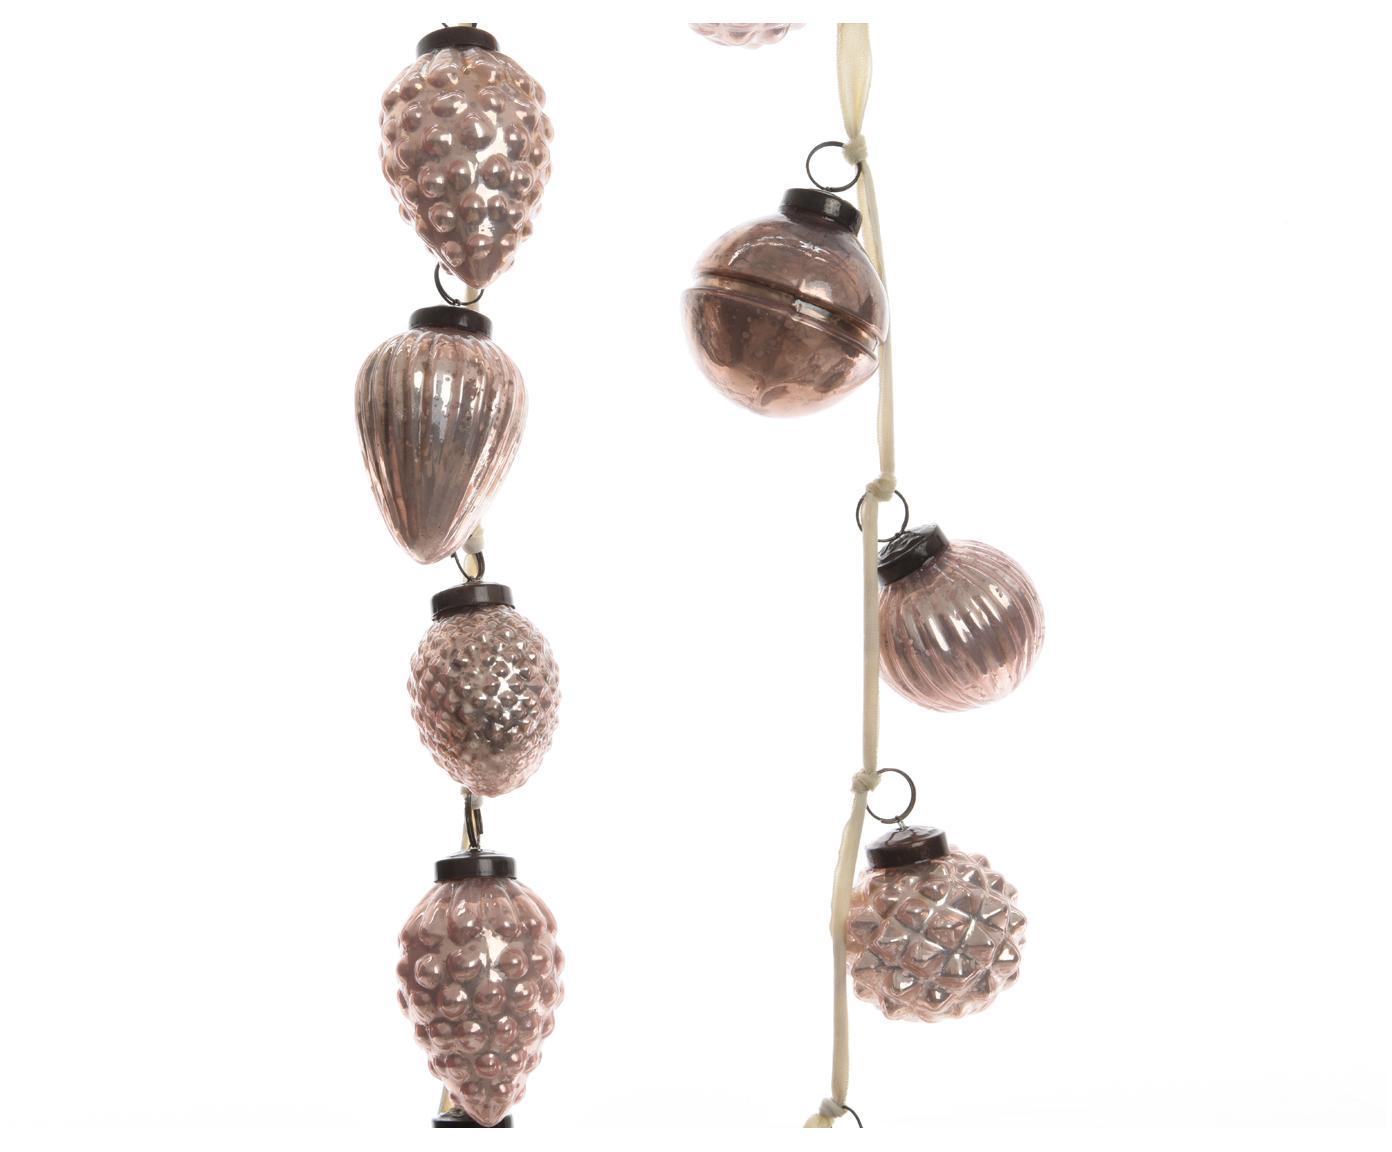 Komplet girland Ball, 2 elem., Szkło, Różowy, D 120 cm